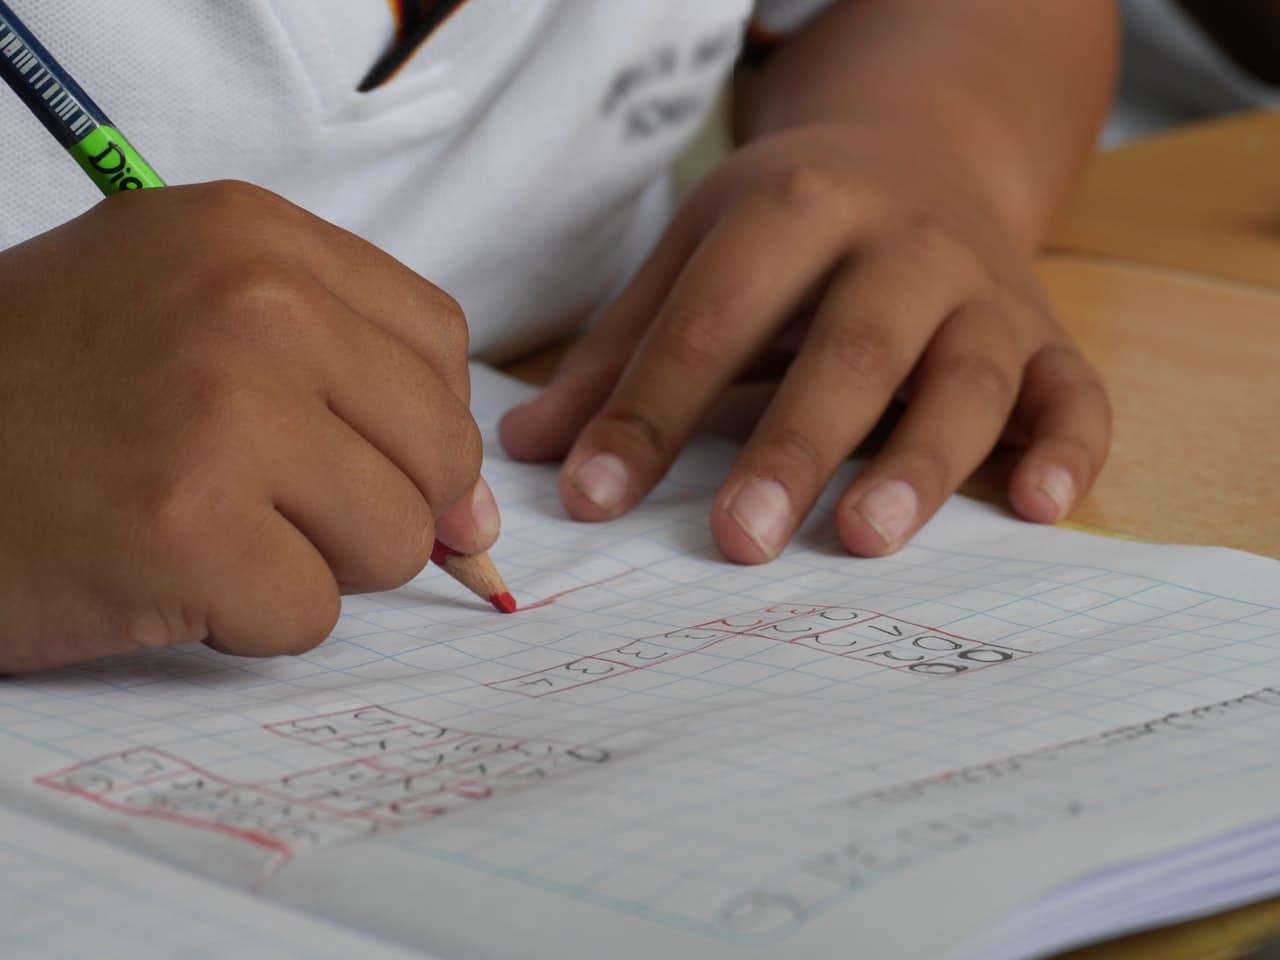 Mãos de criança escrevendo em caderno